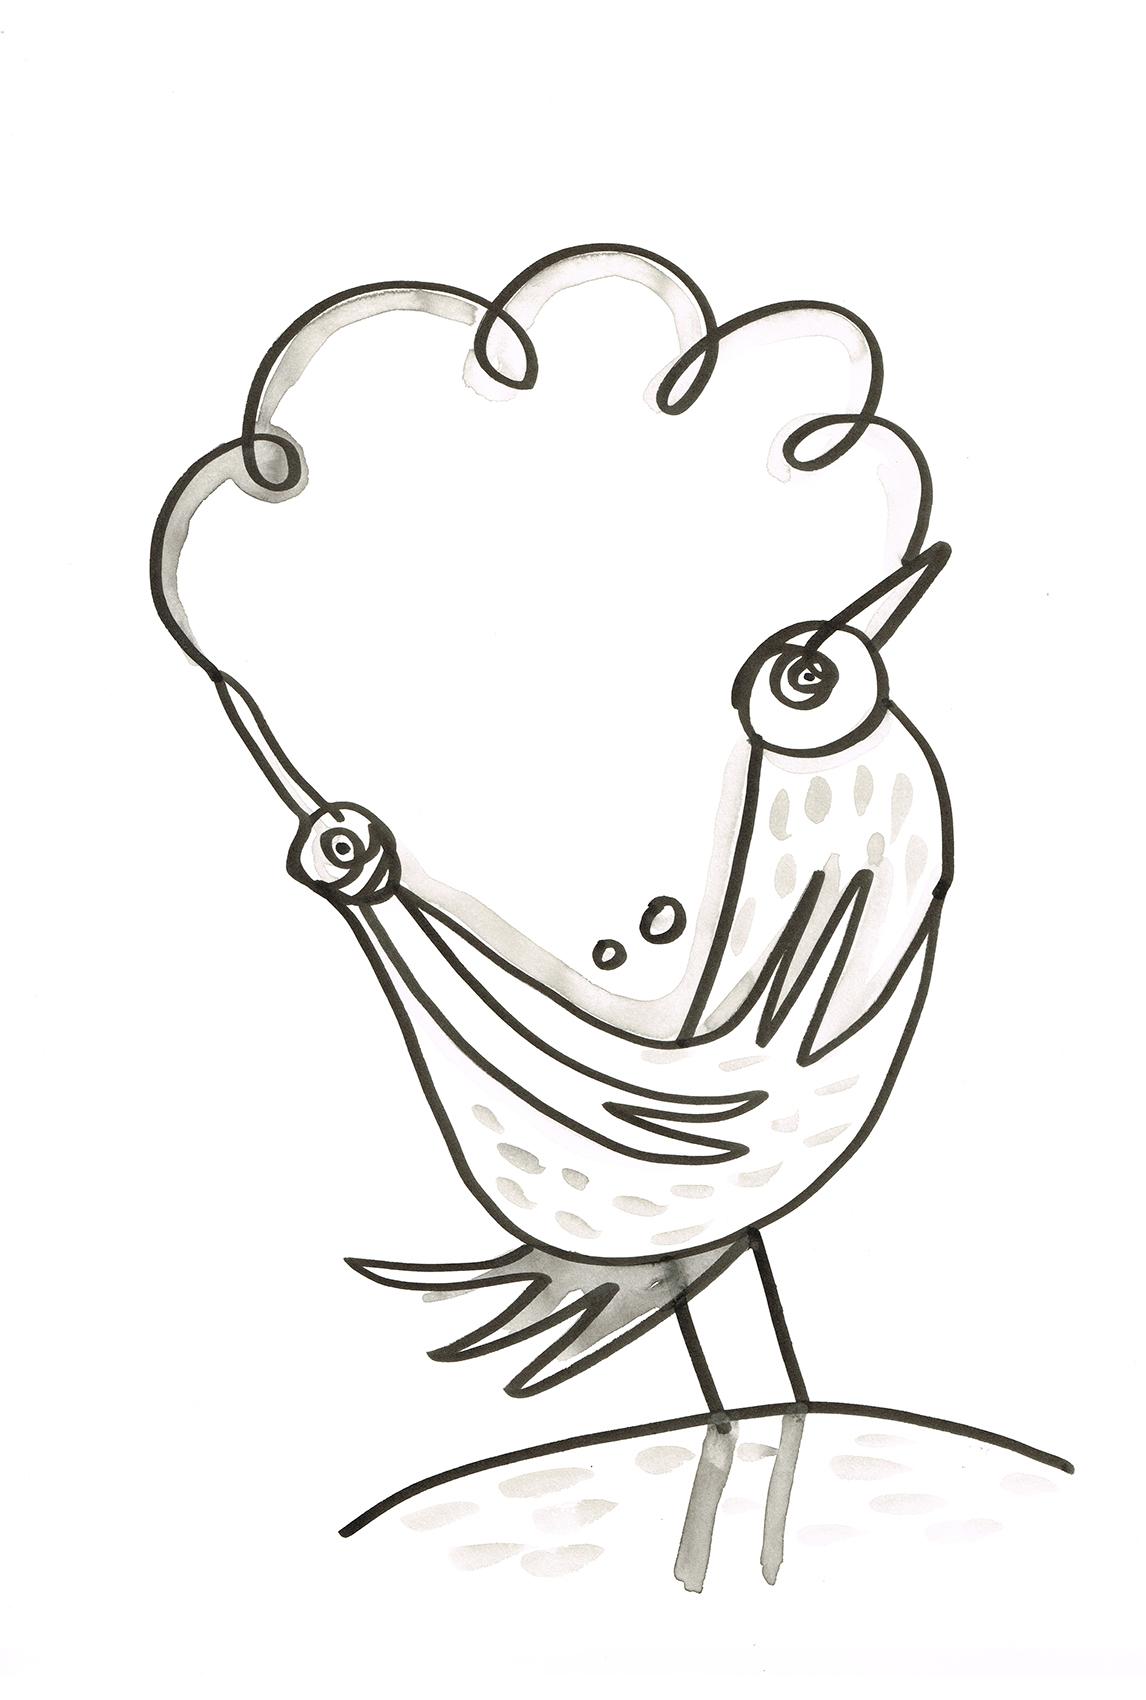 WeAreThe Birds 17web.jpg